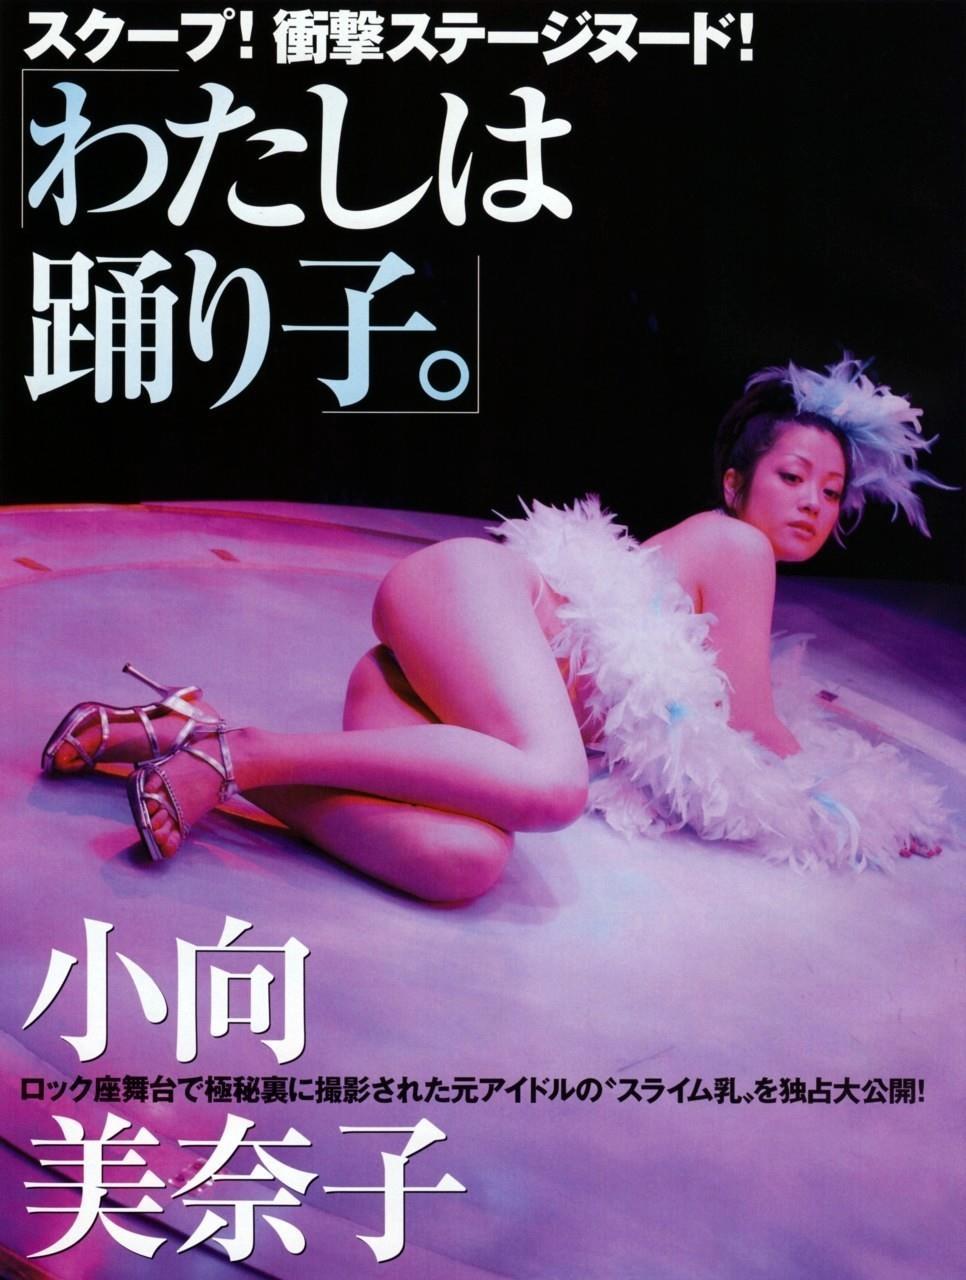 芸能人のストリップフェラ中出し放送事故な裸エロ画像